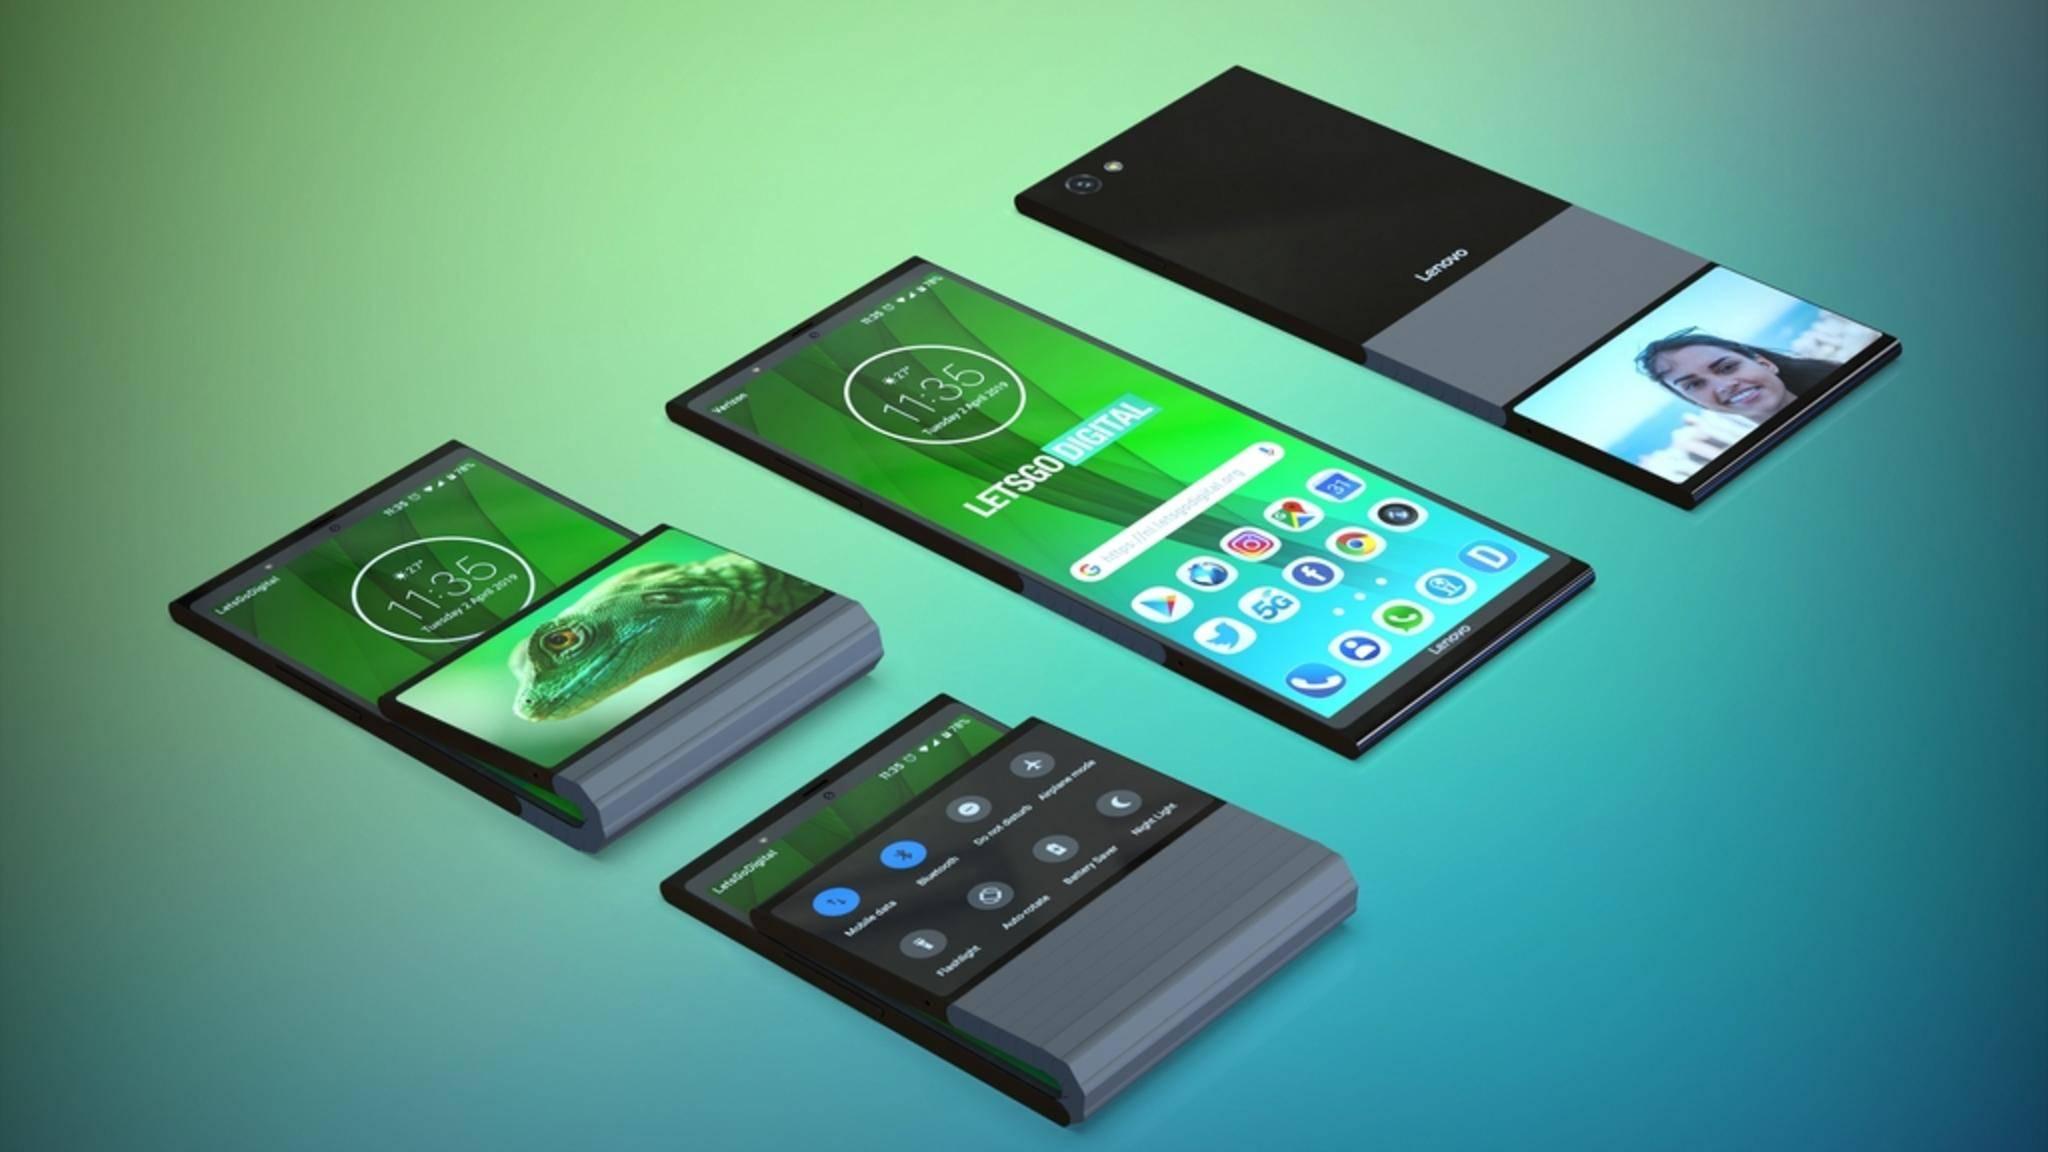 So sieht das faltbare Smartphone aus, das sich Lenovo vorstellt.